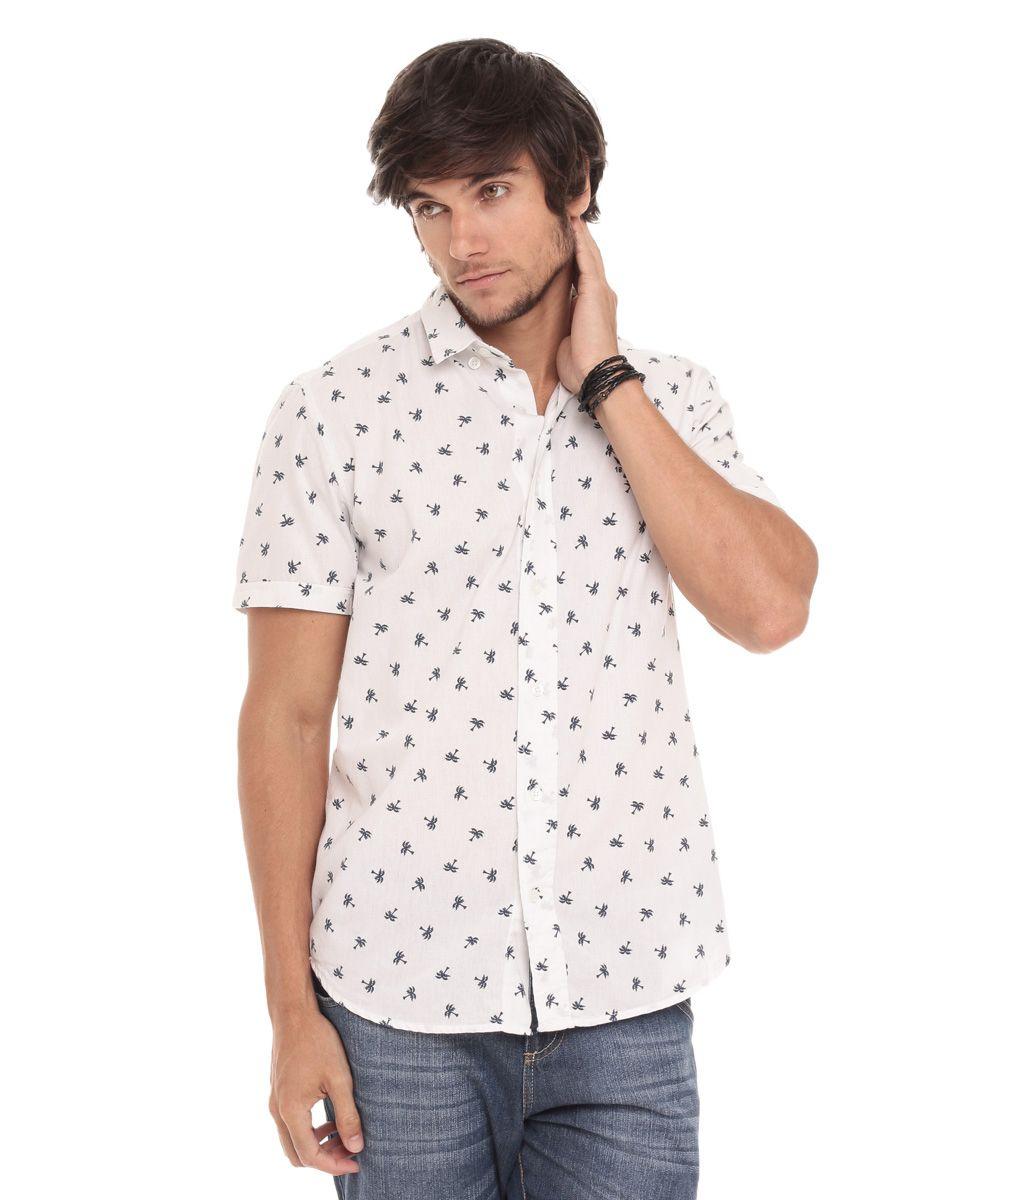 9d151a1d603fb Camisa Masculina com Estampa de Coqueiros - Lojas Renner